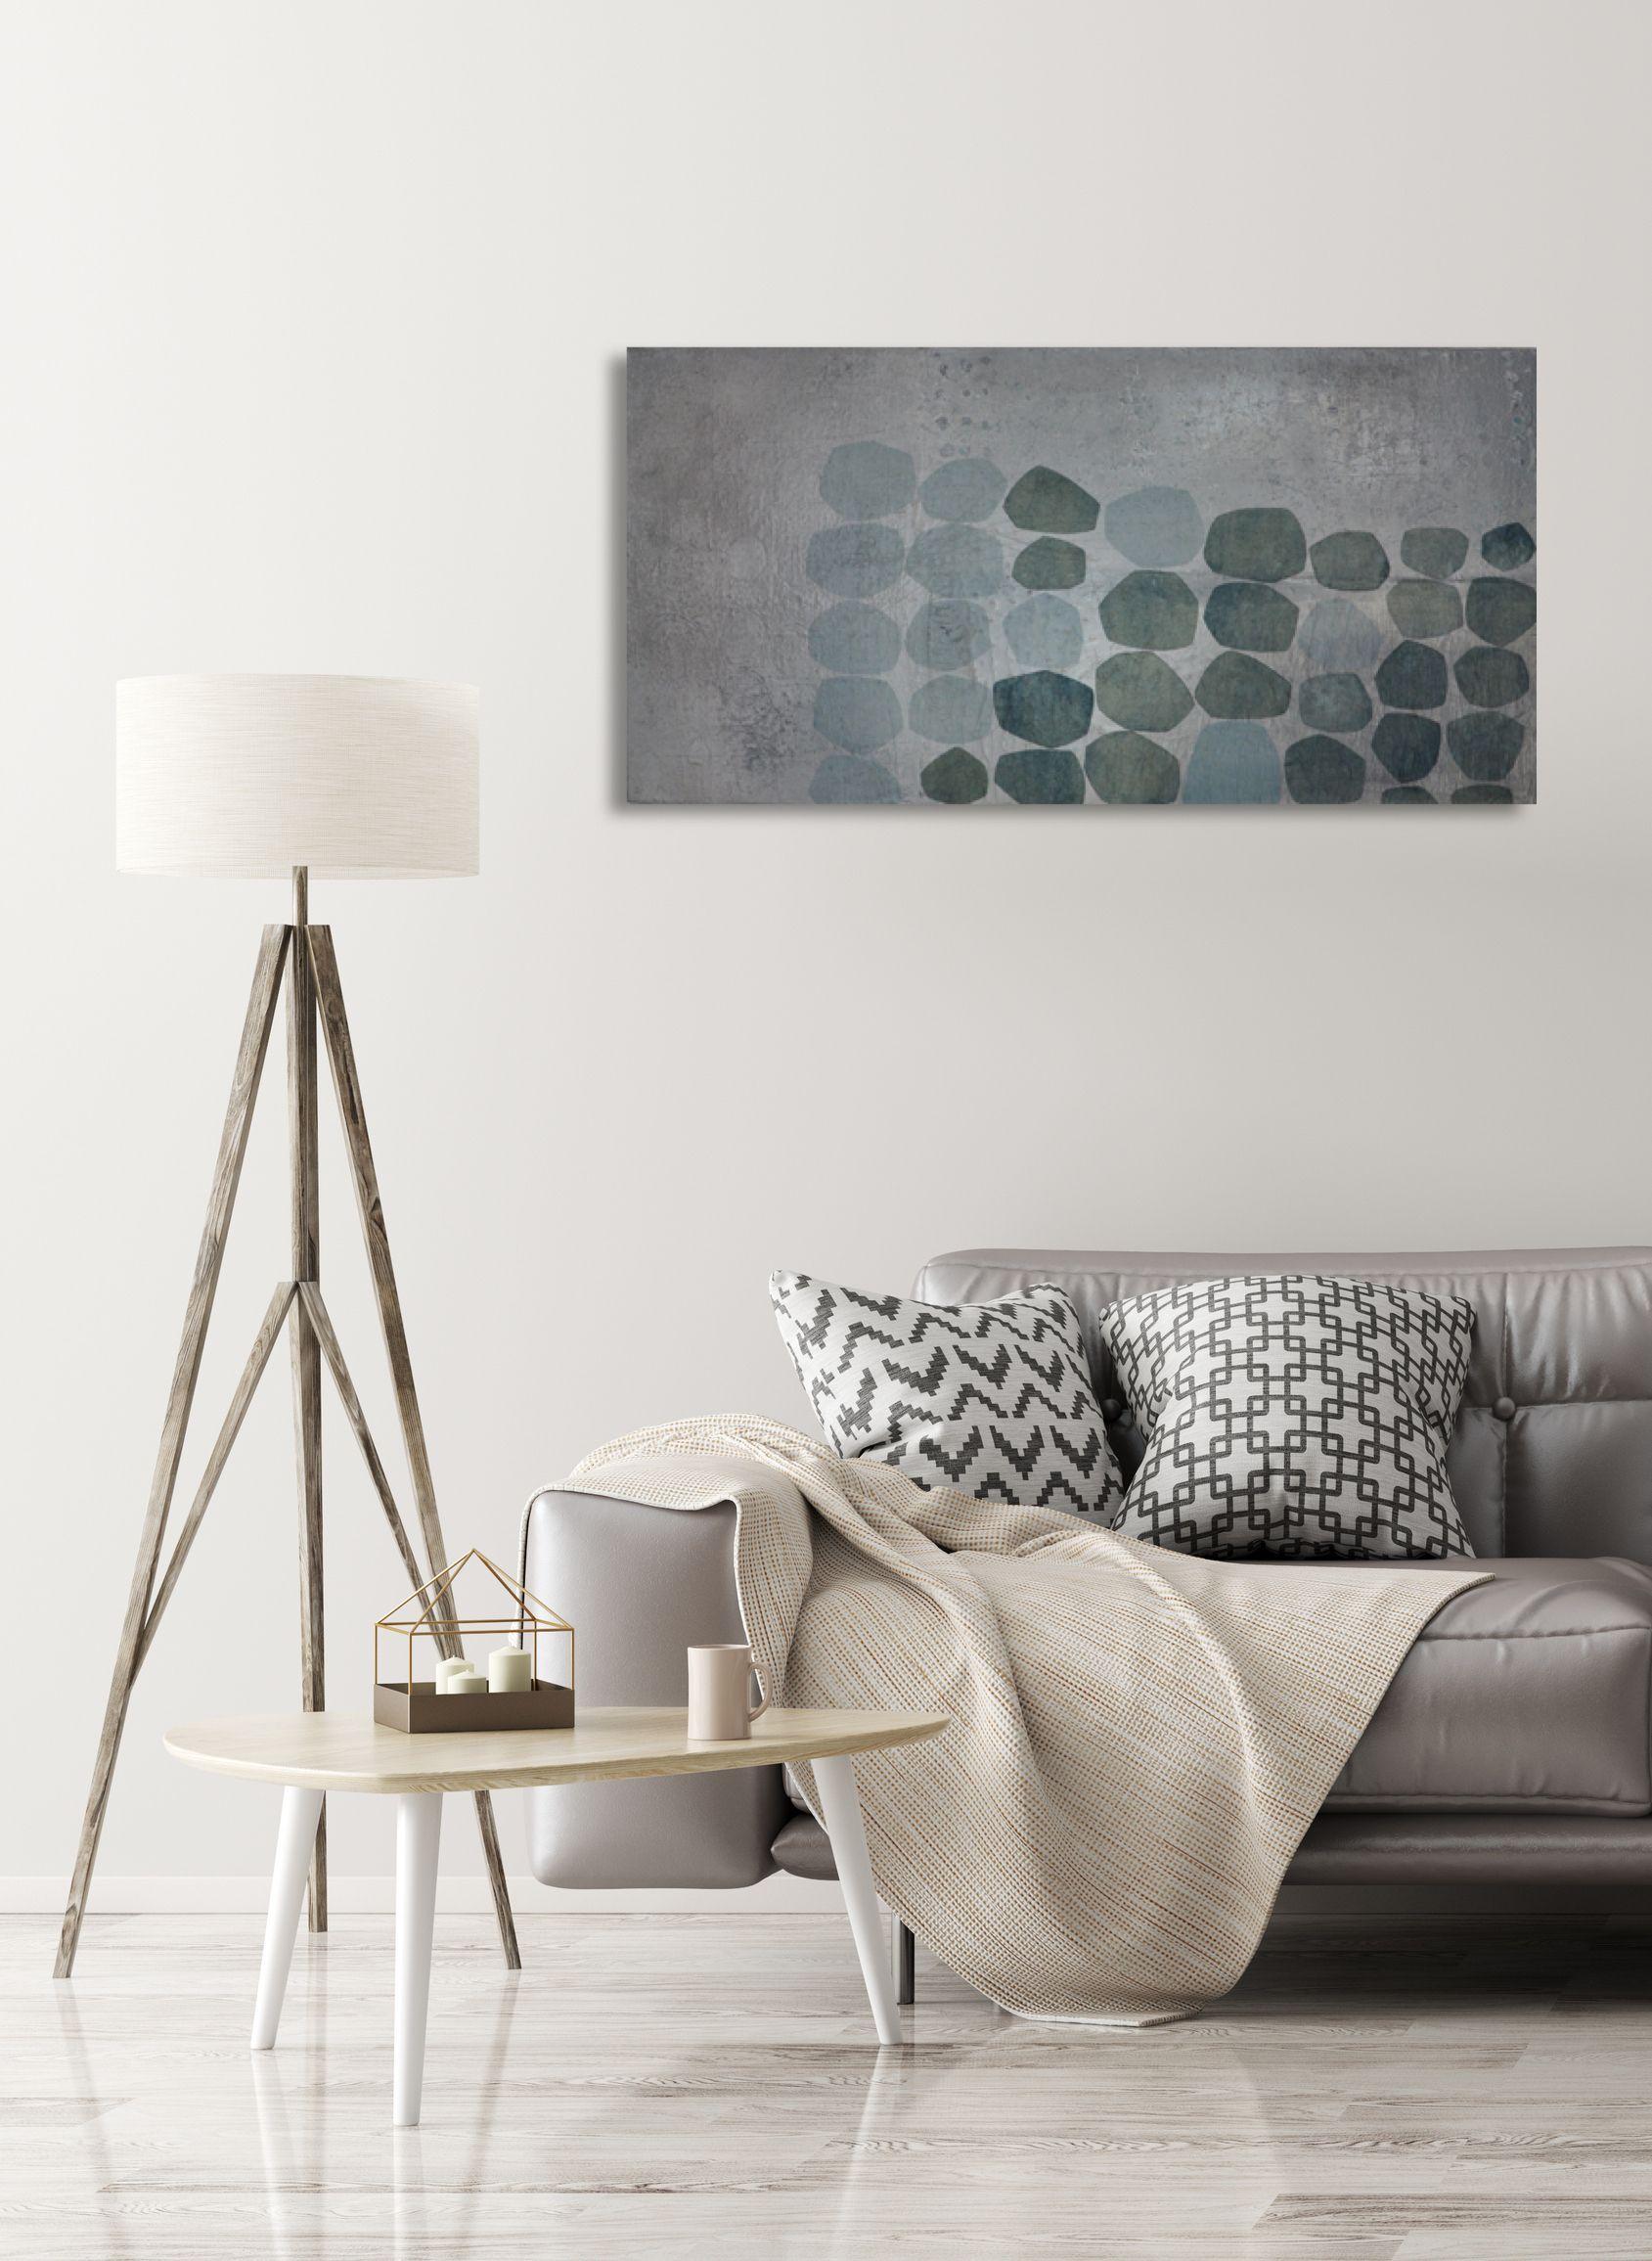 Abstrakte Kunst Abstrakte Malerei Acrylmalerei Abstract Painting 50 X 100 X 4 Cm Konig Malerei Wohnen Acrylmalerei Abstrakte Malerei